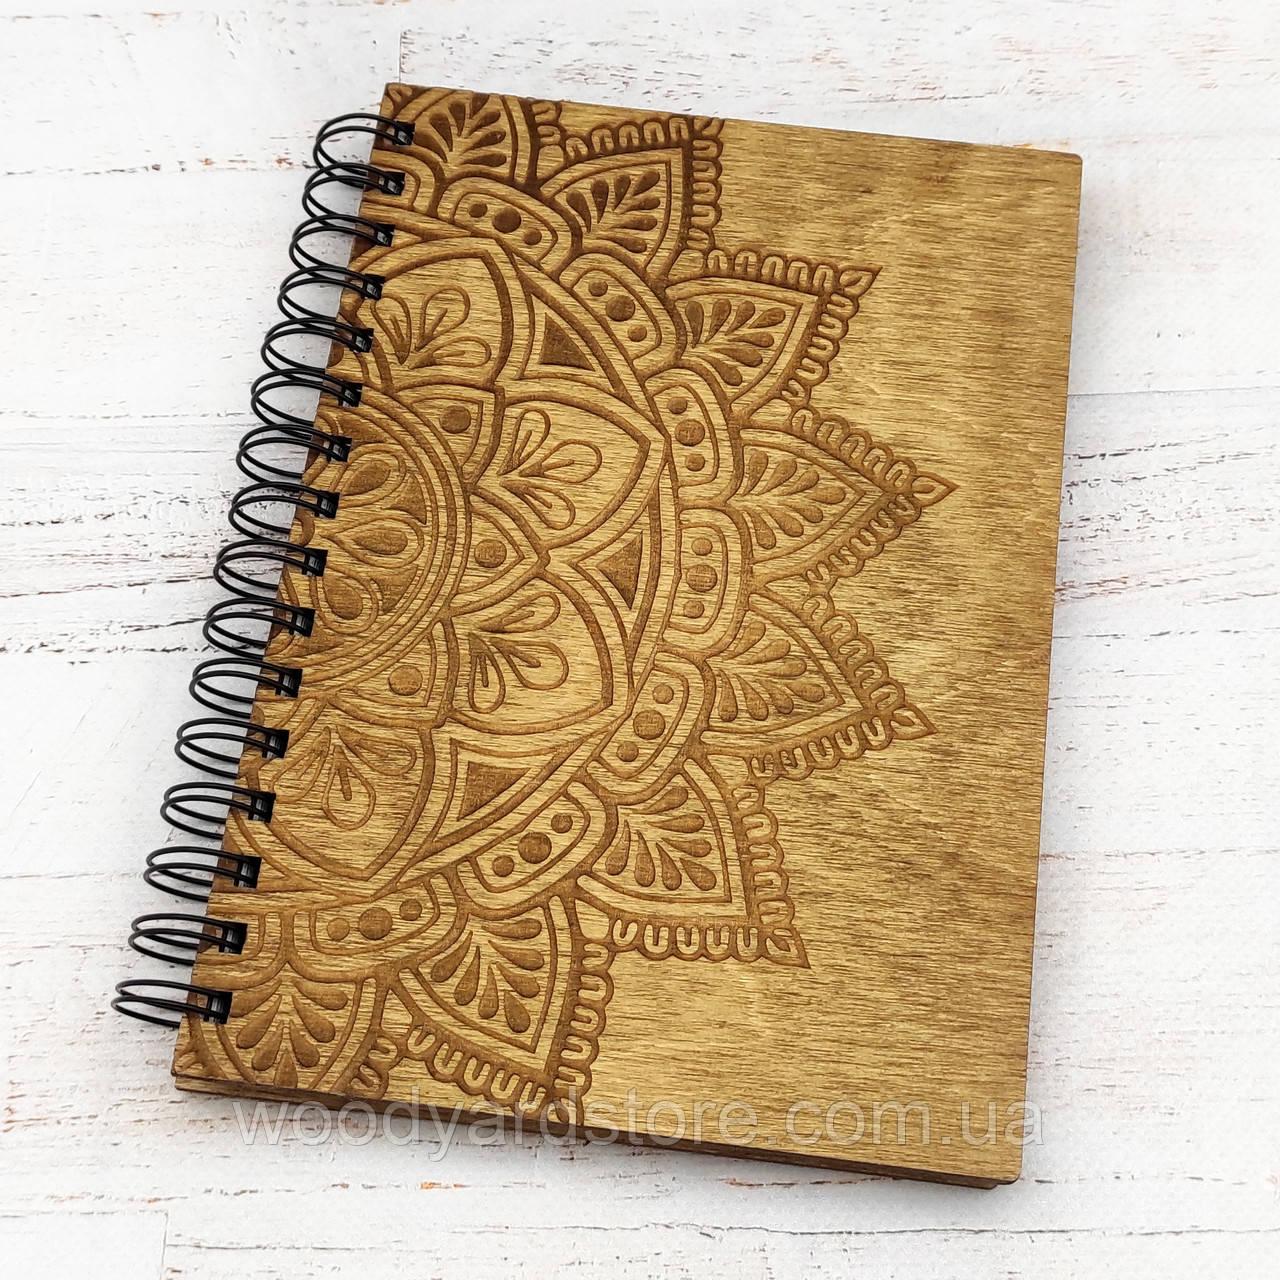 """Дерев'яний блокнот А5. Дизайн """"Мандала"""". Білі аркуші в клітинку.  Колір обкладинки дуб (світло-коричневий)."""